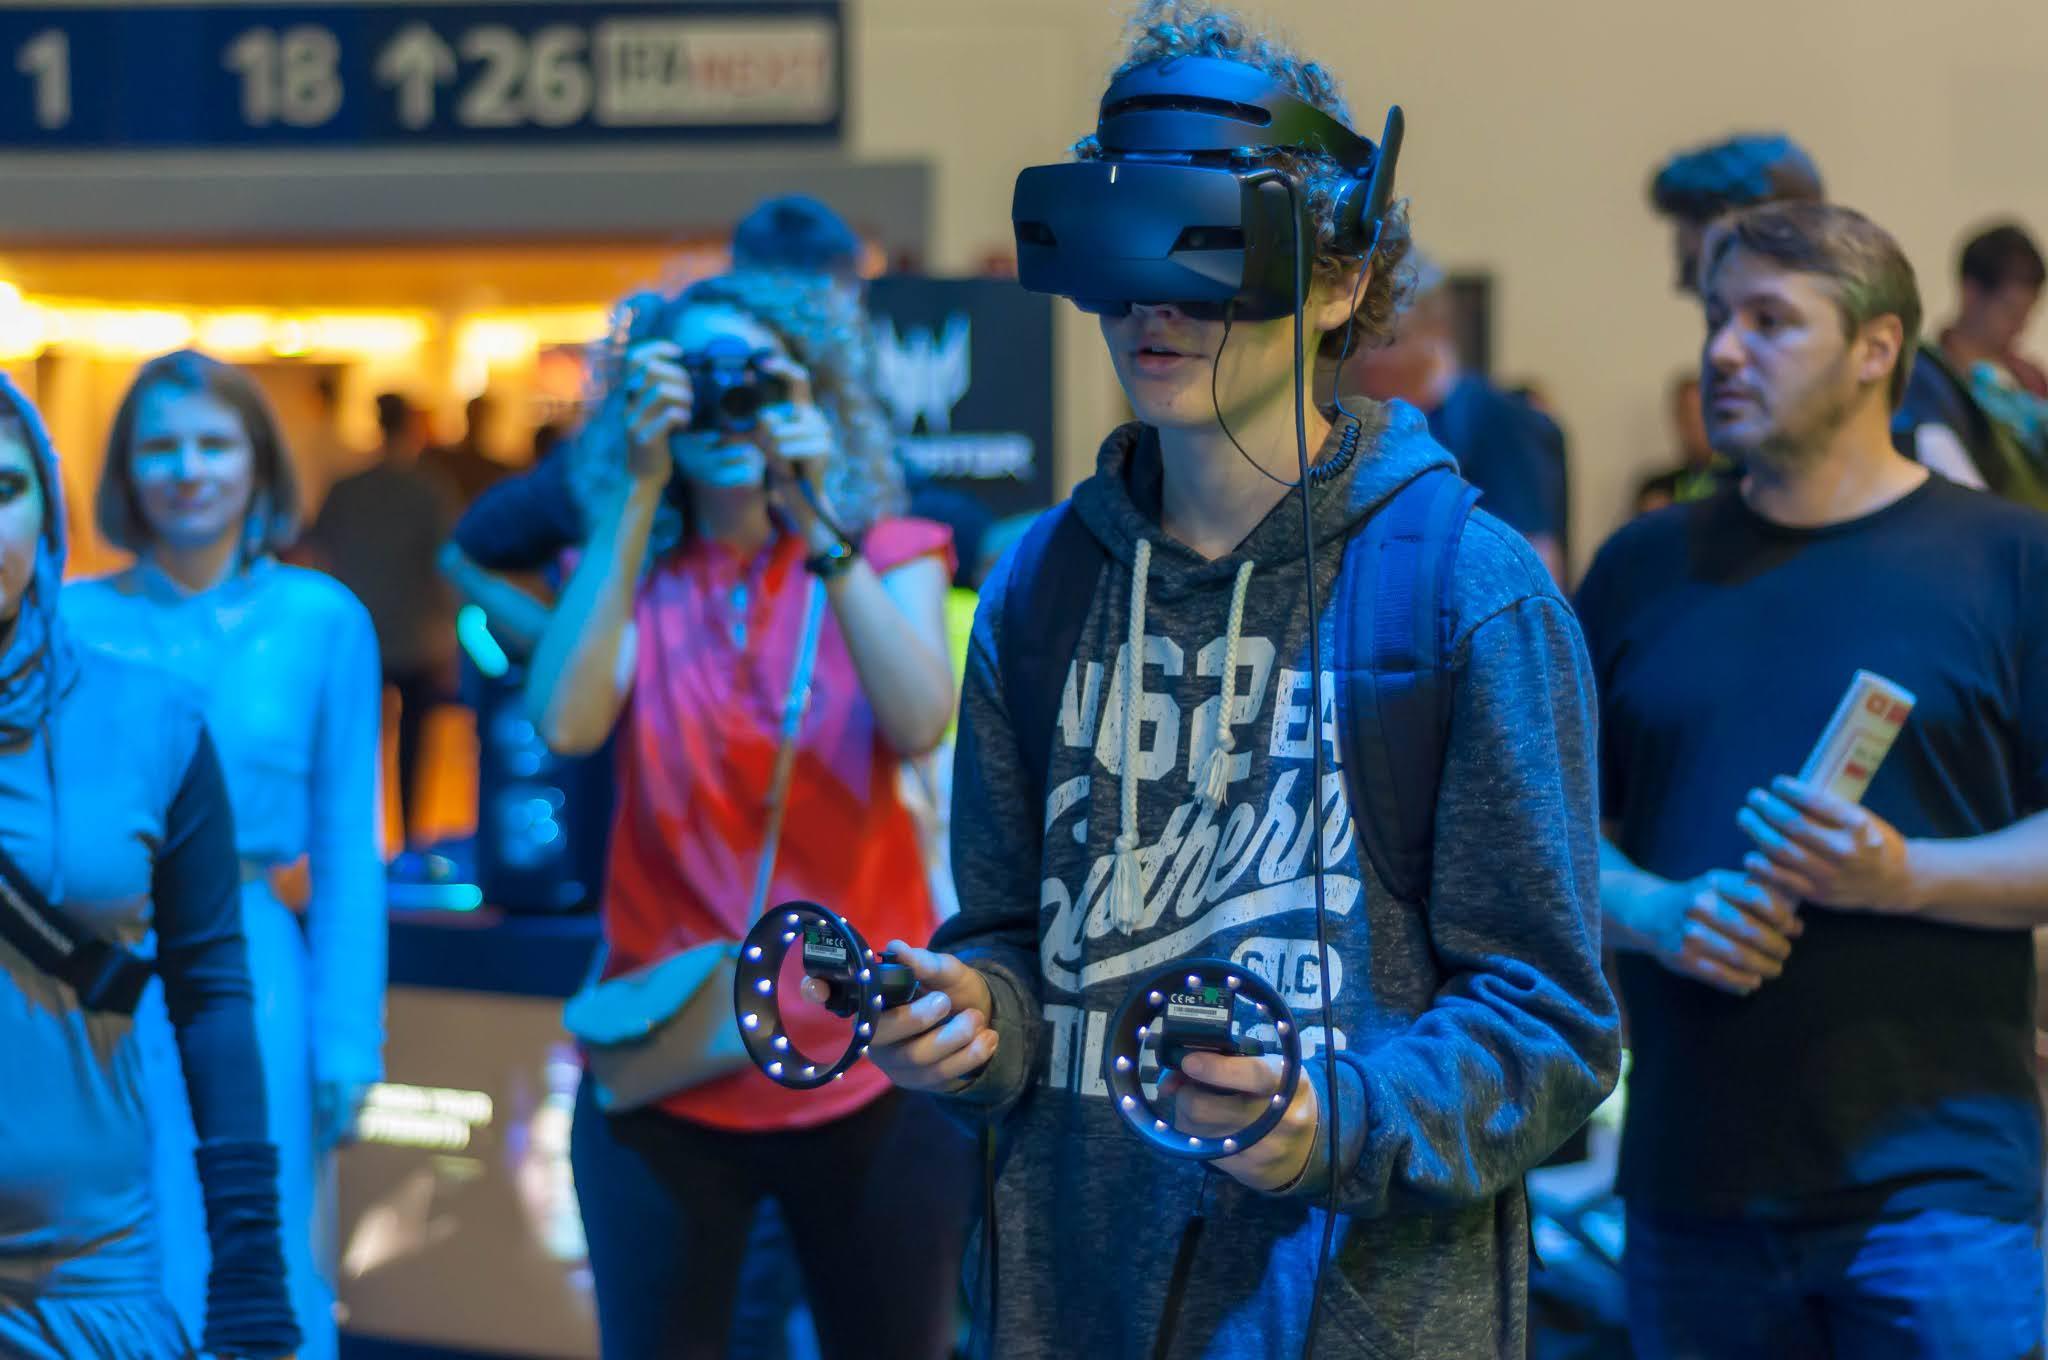 Mixed Reality - HoloLens